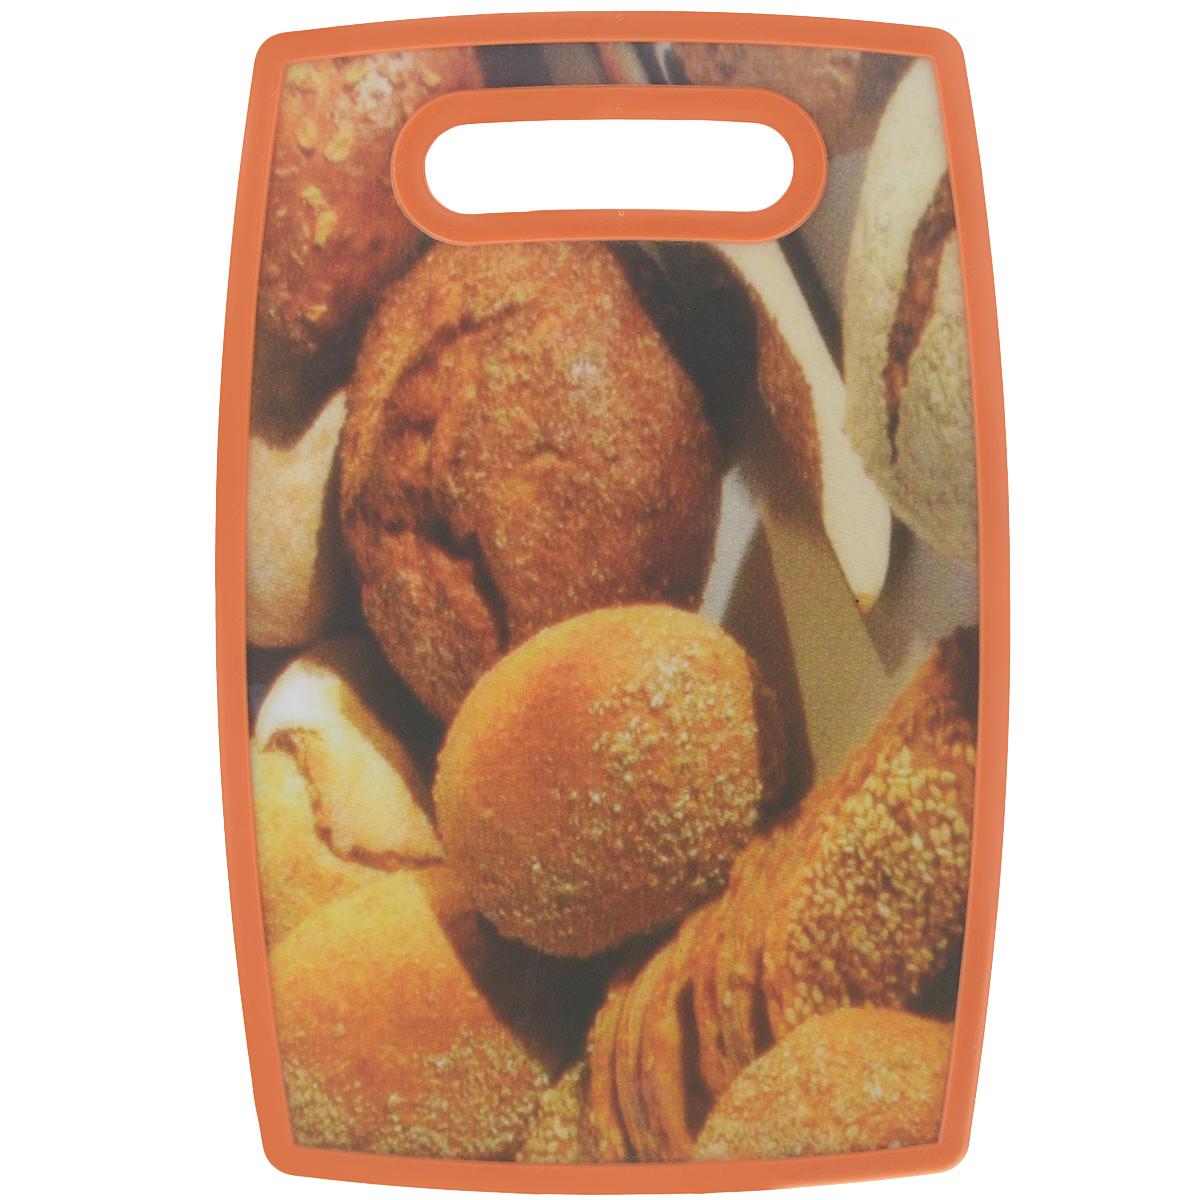 Доска разделочная LaraCook Хлеб, 20 х 30 смLC-1112Доска разделочная LaraCook Хлеб, изготовленная из устойчивого к истиранию пластика, займет достойное место среди аксессуаров на вашей кухне. С одной стороны доска имеет однотонное пластиковое покрытие, а с другой декорирована изображением хлеба. Доска имеет высокий коэффициент жесткости и прекрасно подойдет для нарезки любых продуктов. Устойчива к деформации и высоким температурам. Можно мыть в посудомоечной машине.